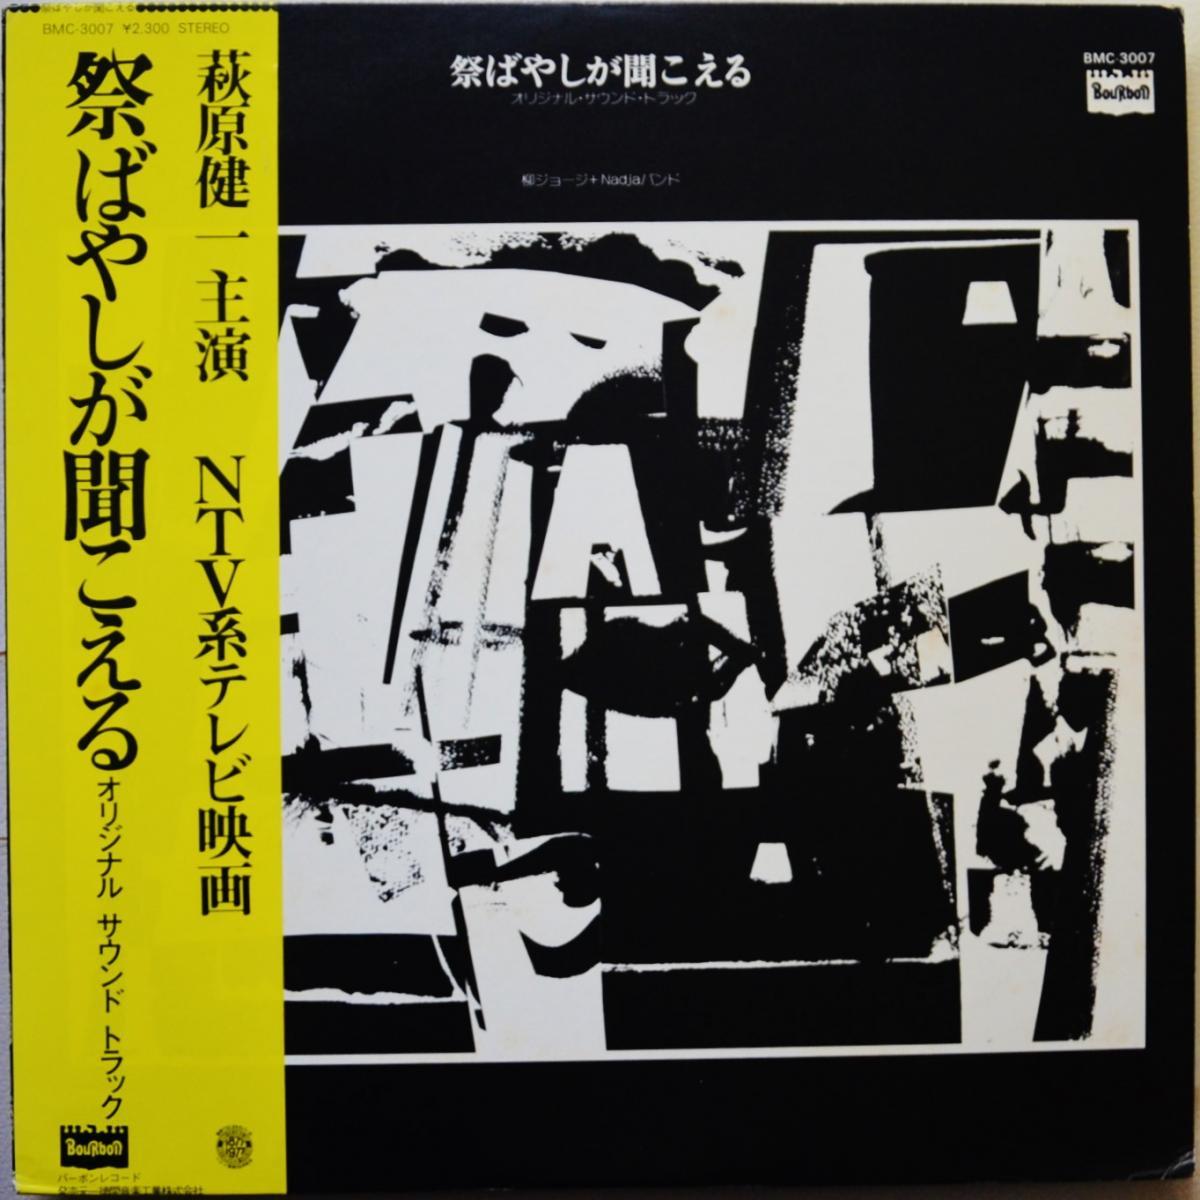 柳ジョージ & NADJAバンド / 祭ばやしが聞こえる (オリジナル・サウンド・トラック) (LP)